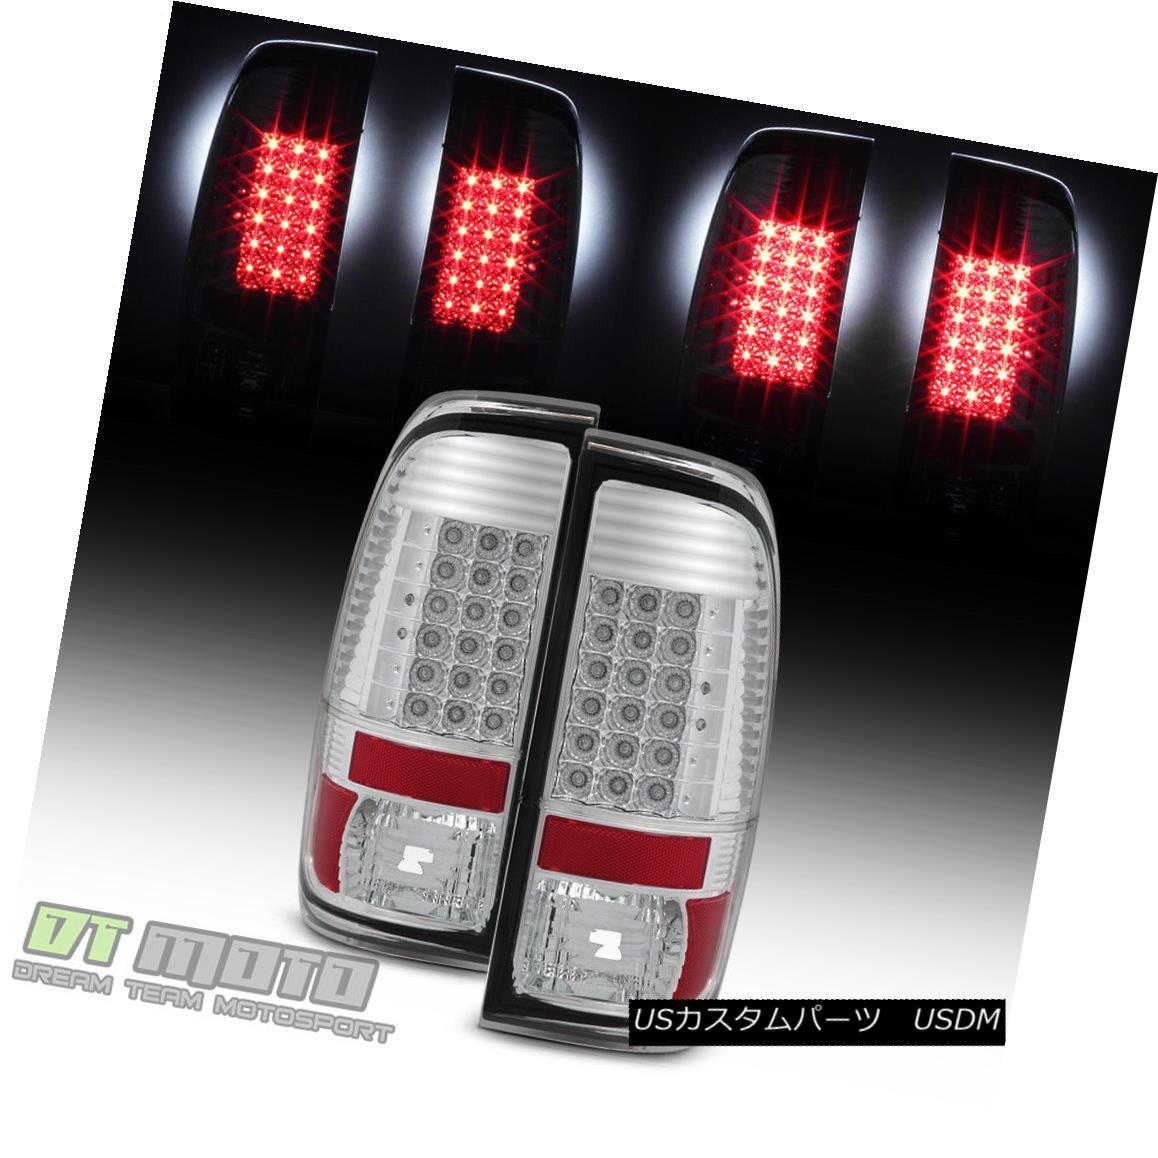 テールライト 2008-2016 Ford F250 F350 F450 Super Duty LED Brake Tail Lights Lamps Left+Right 2008-2016 Ford F250 F350 F450スーパーデューティLEDブレーキテールライトランプ左右+